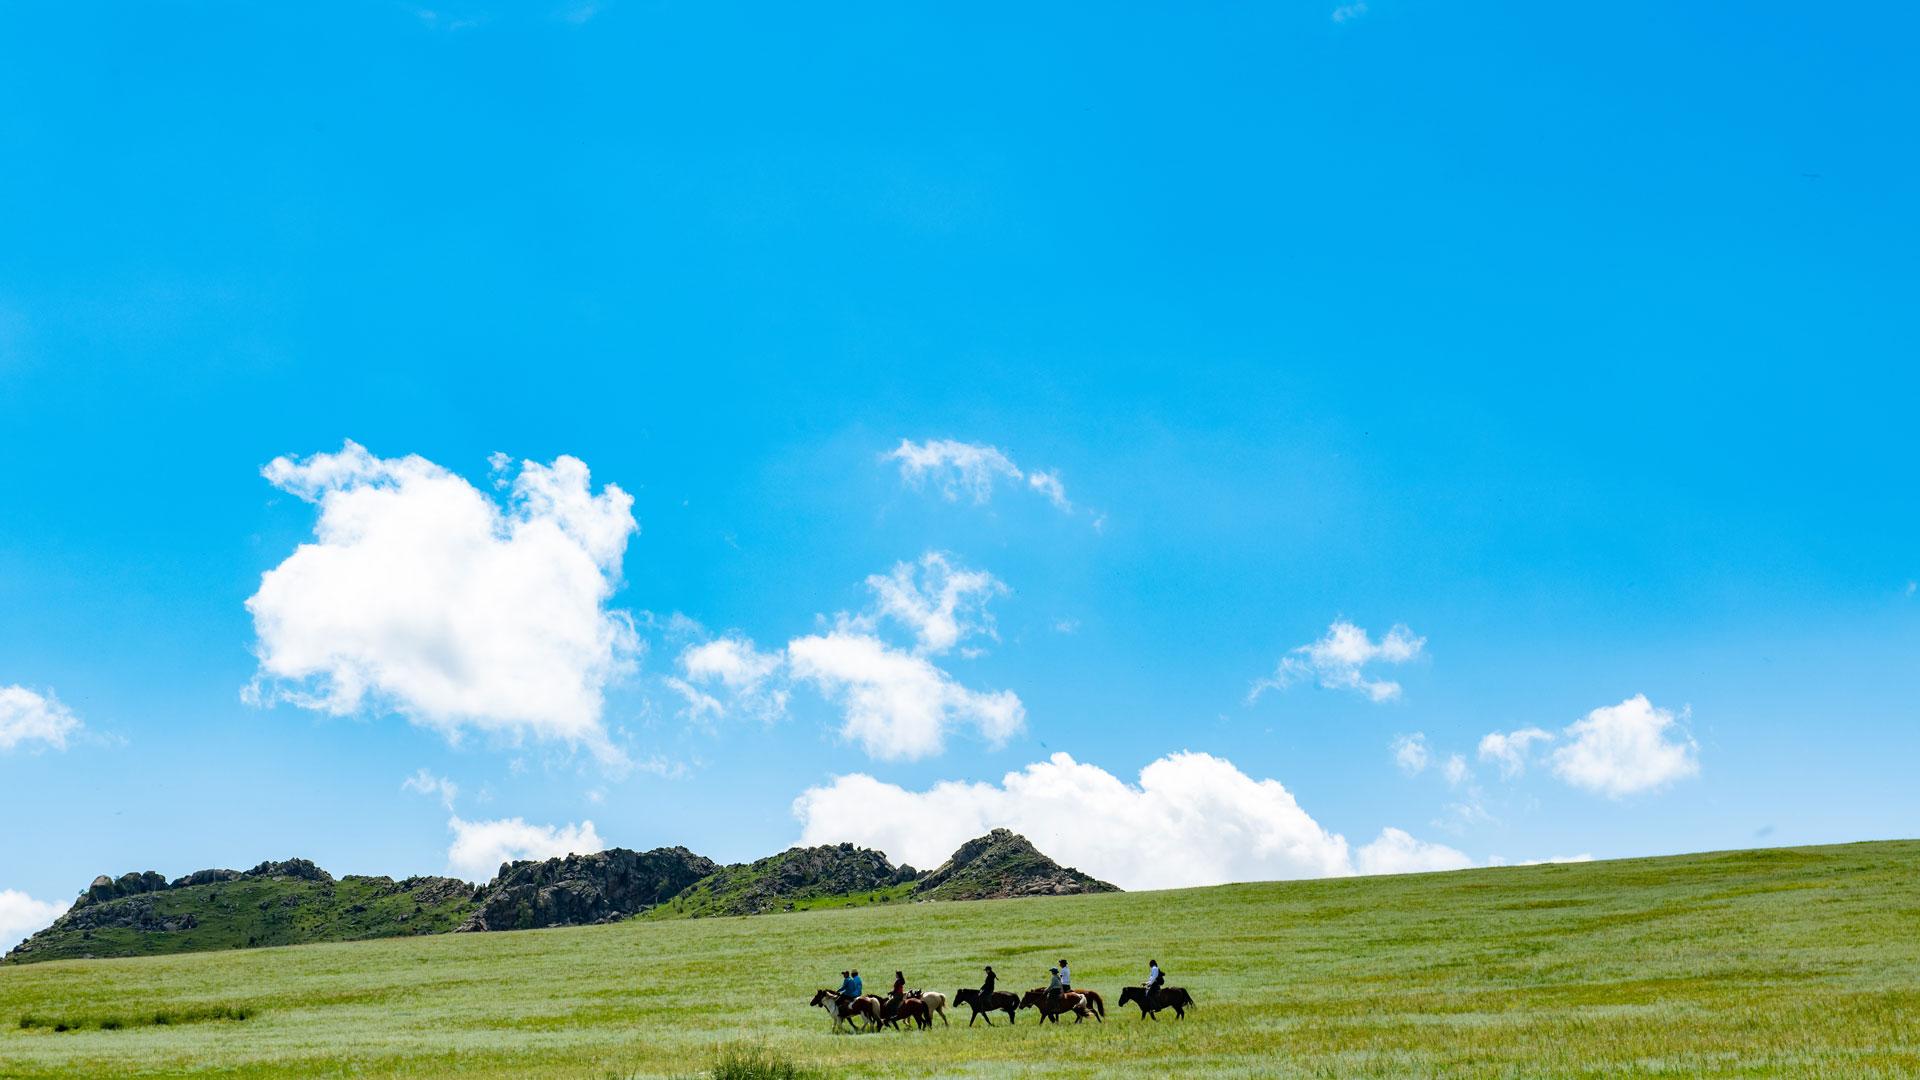 モンゴル高原と青空